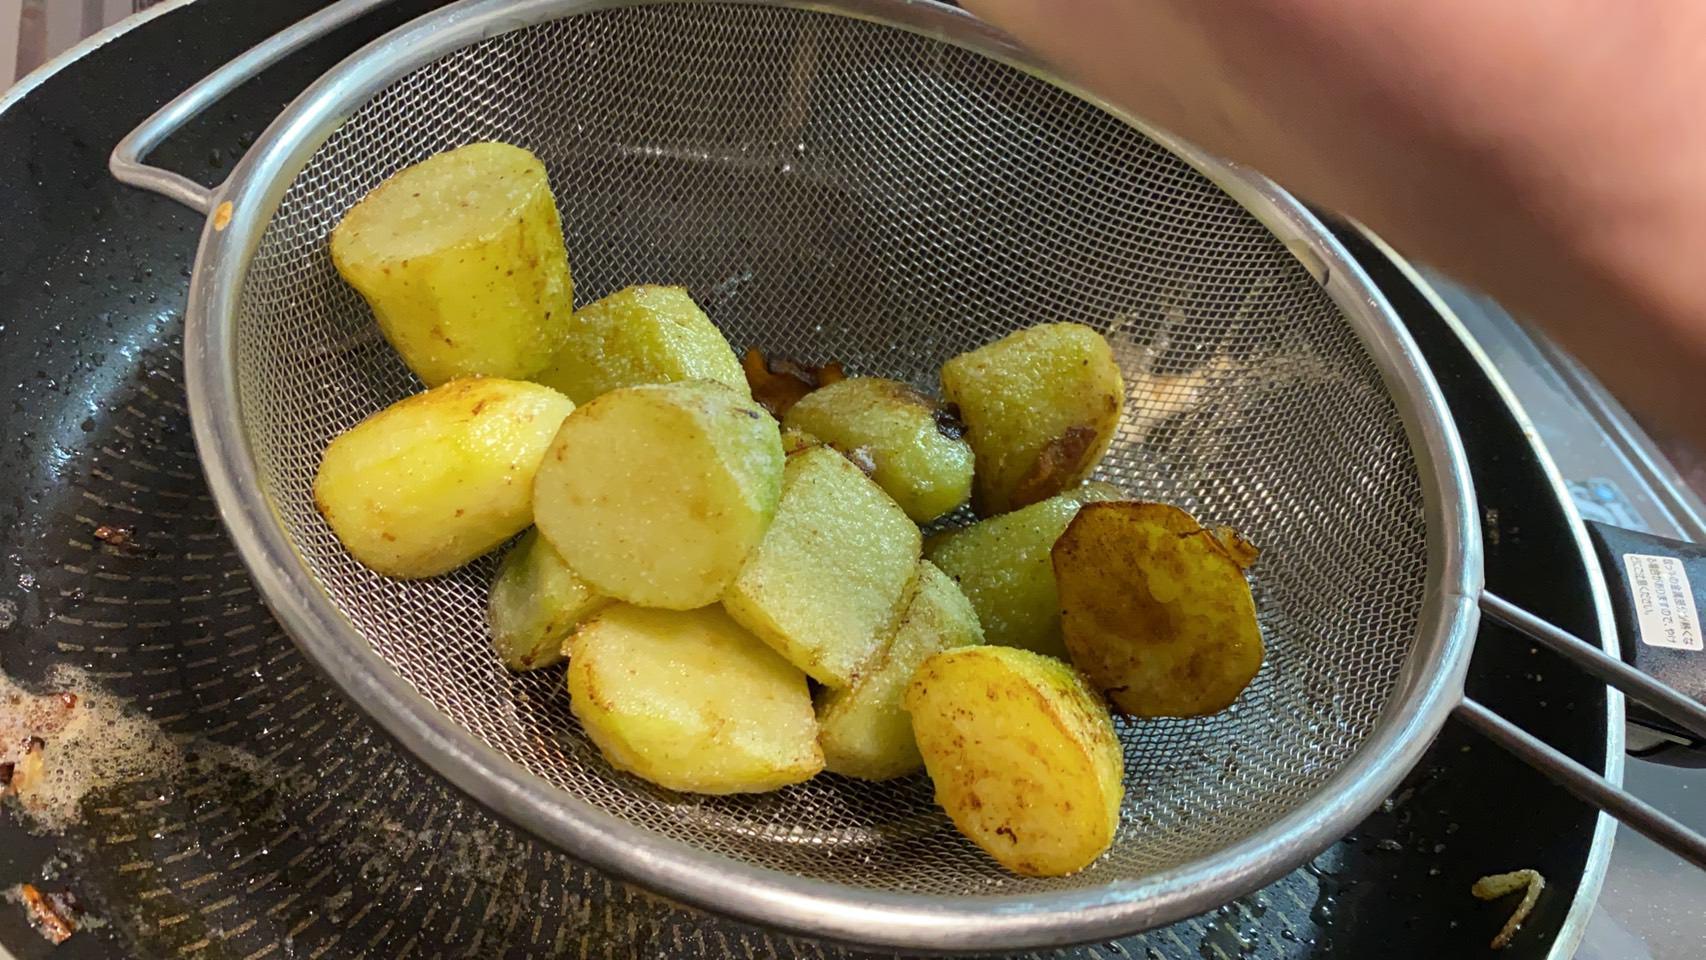 ザルに開けたジャガイモに塩胡椒する様子の画像です